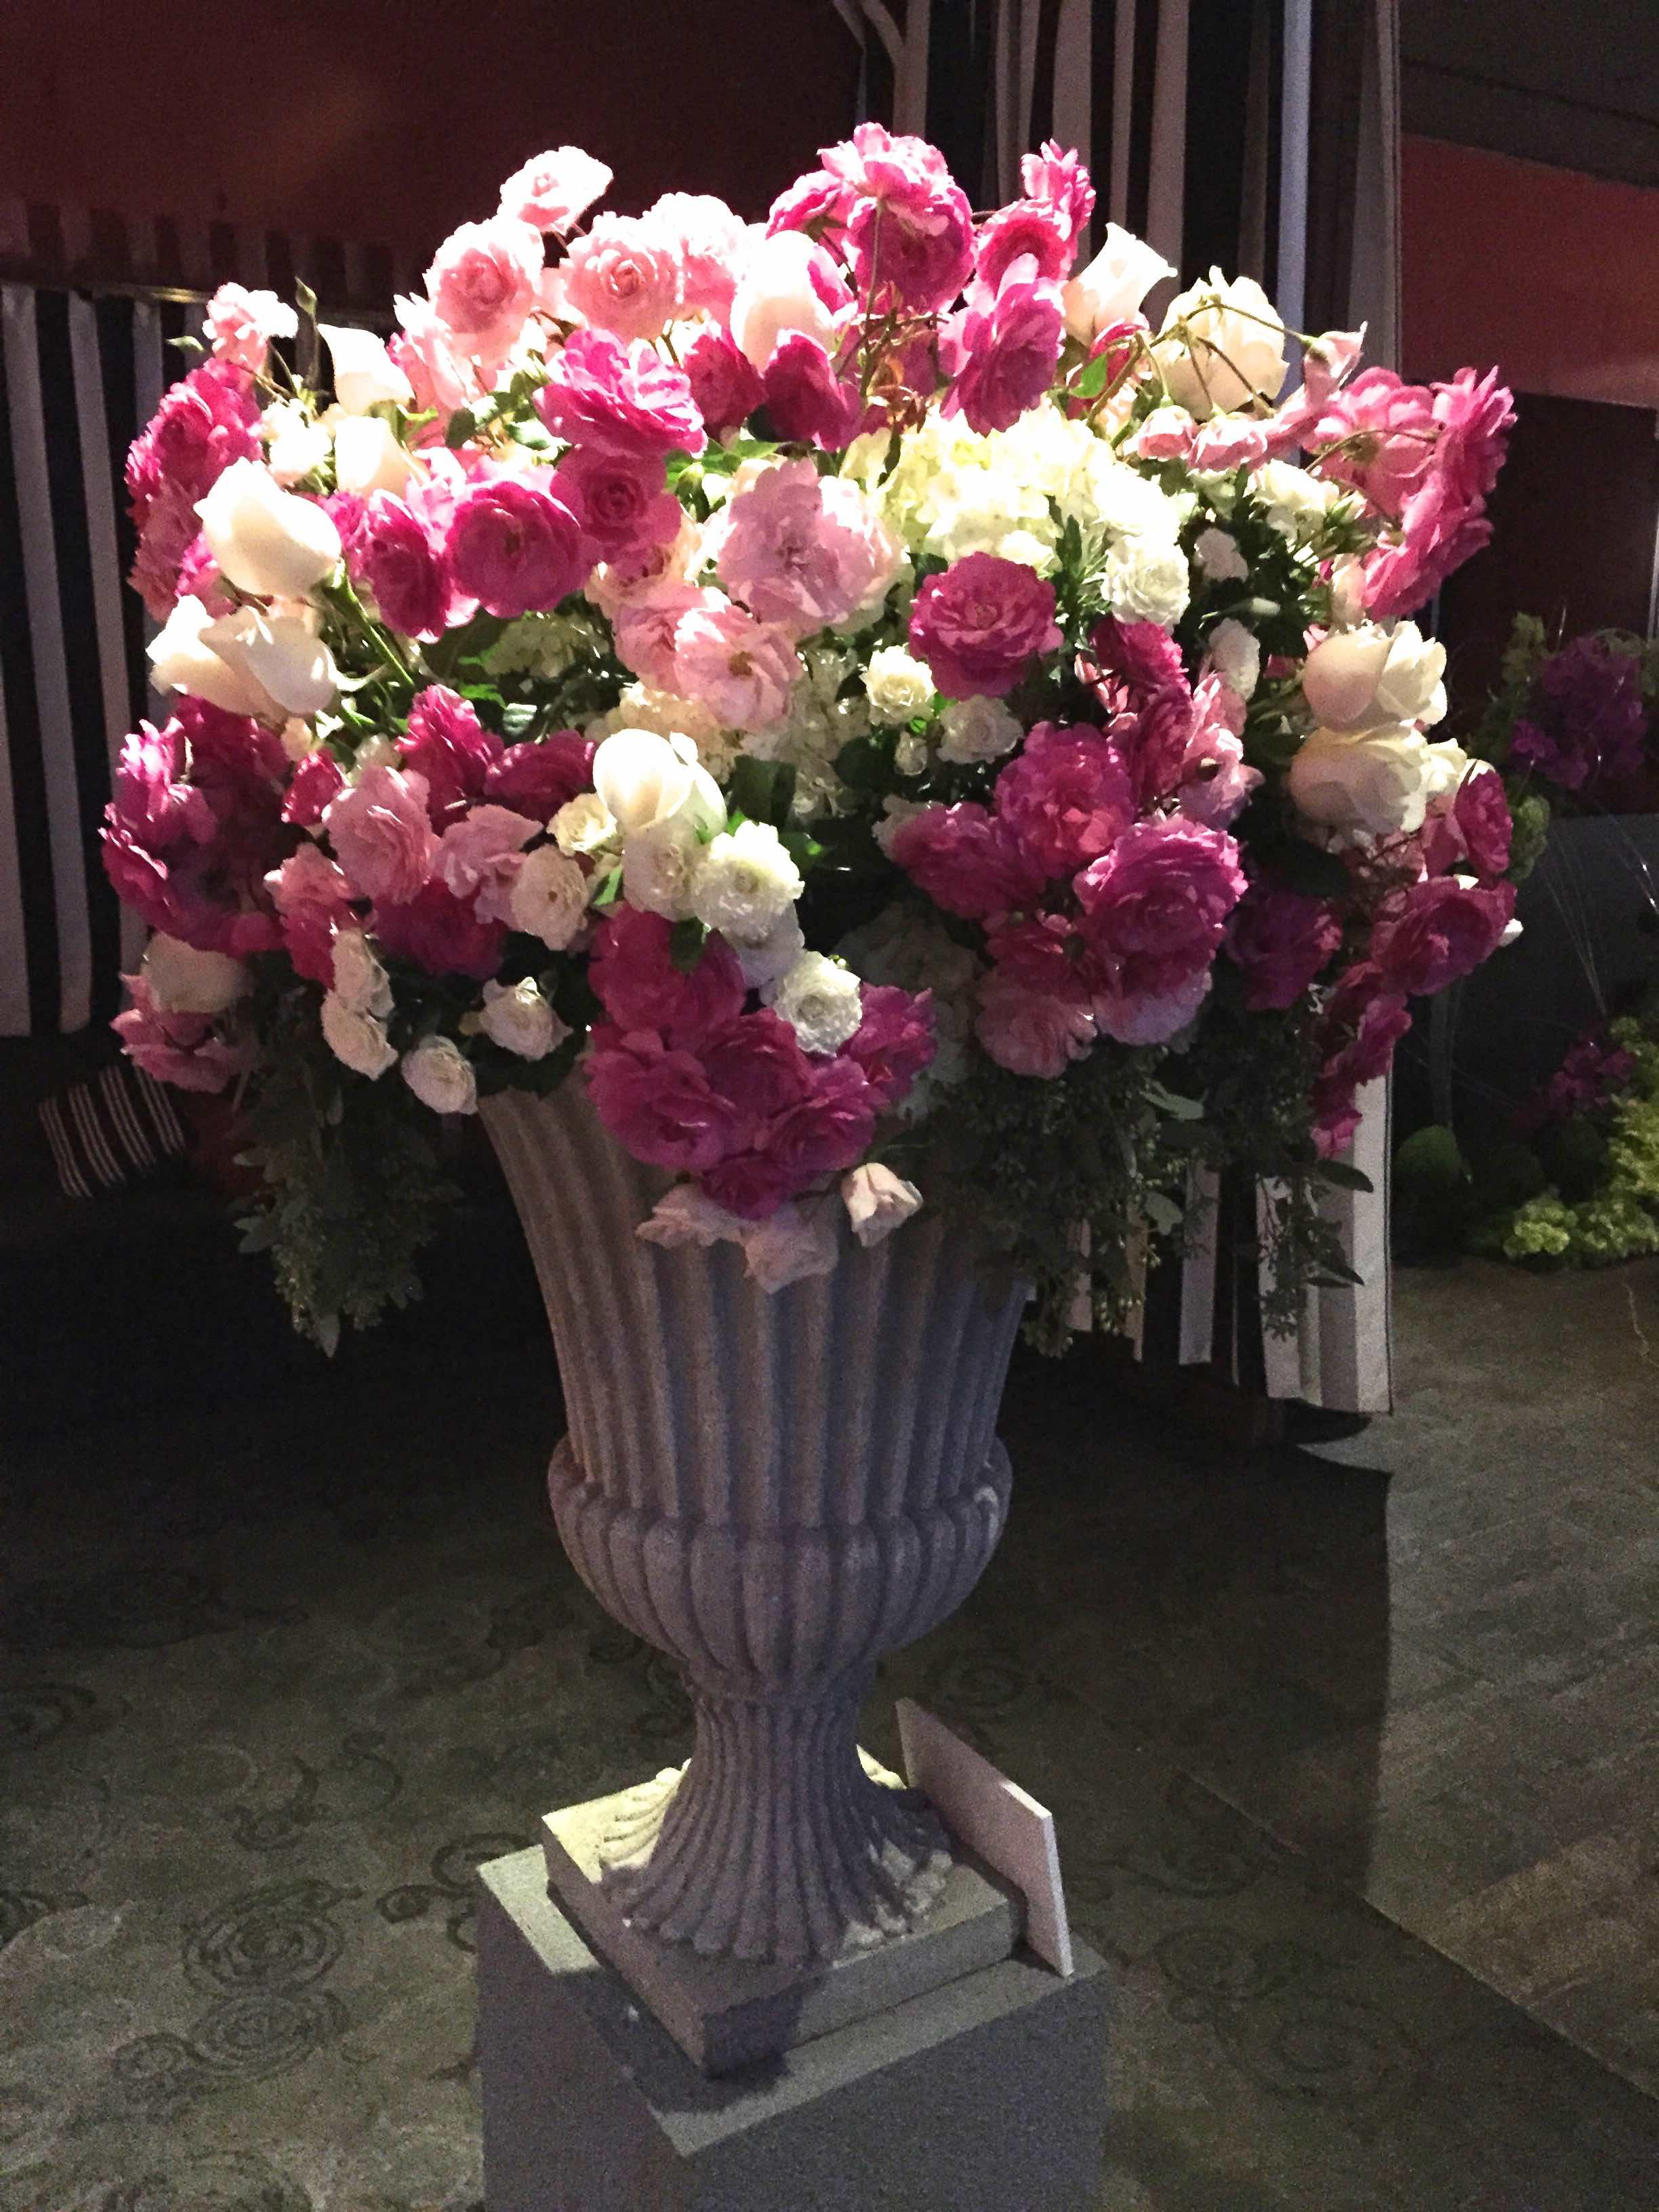 800rosebig Wholesale Florist To The Public Serving Newport